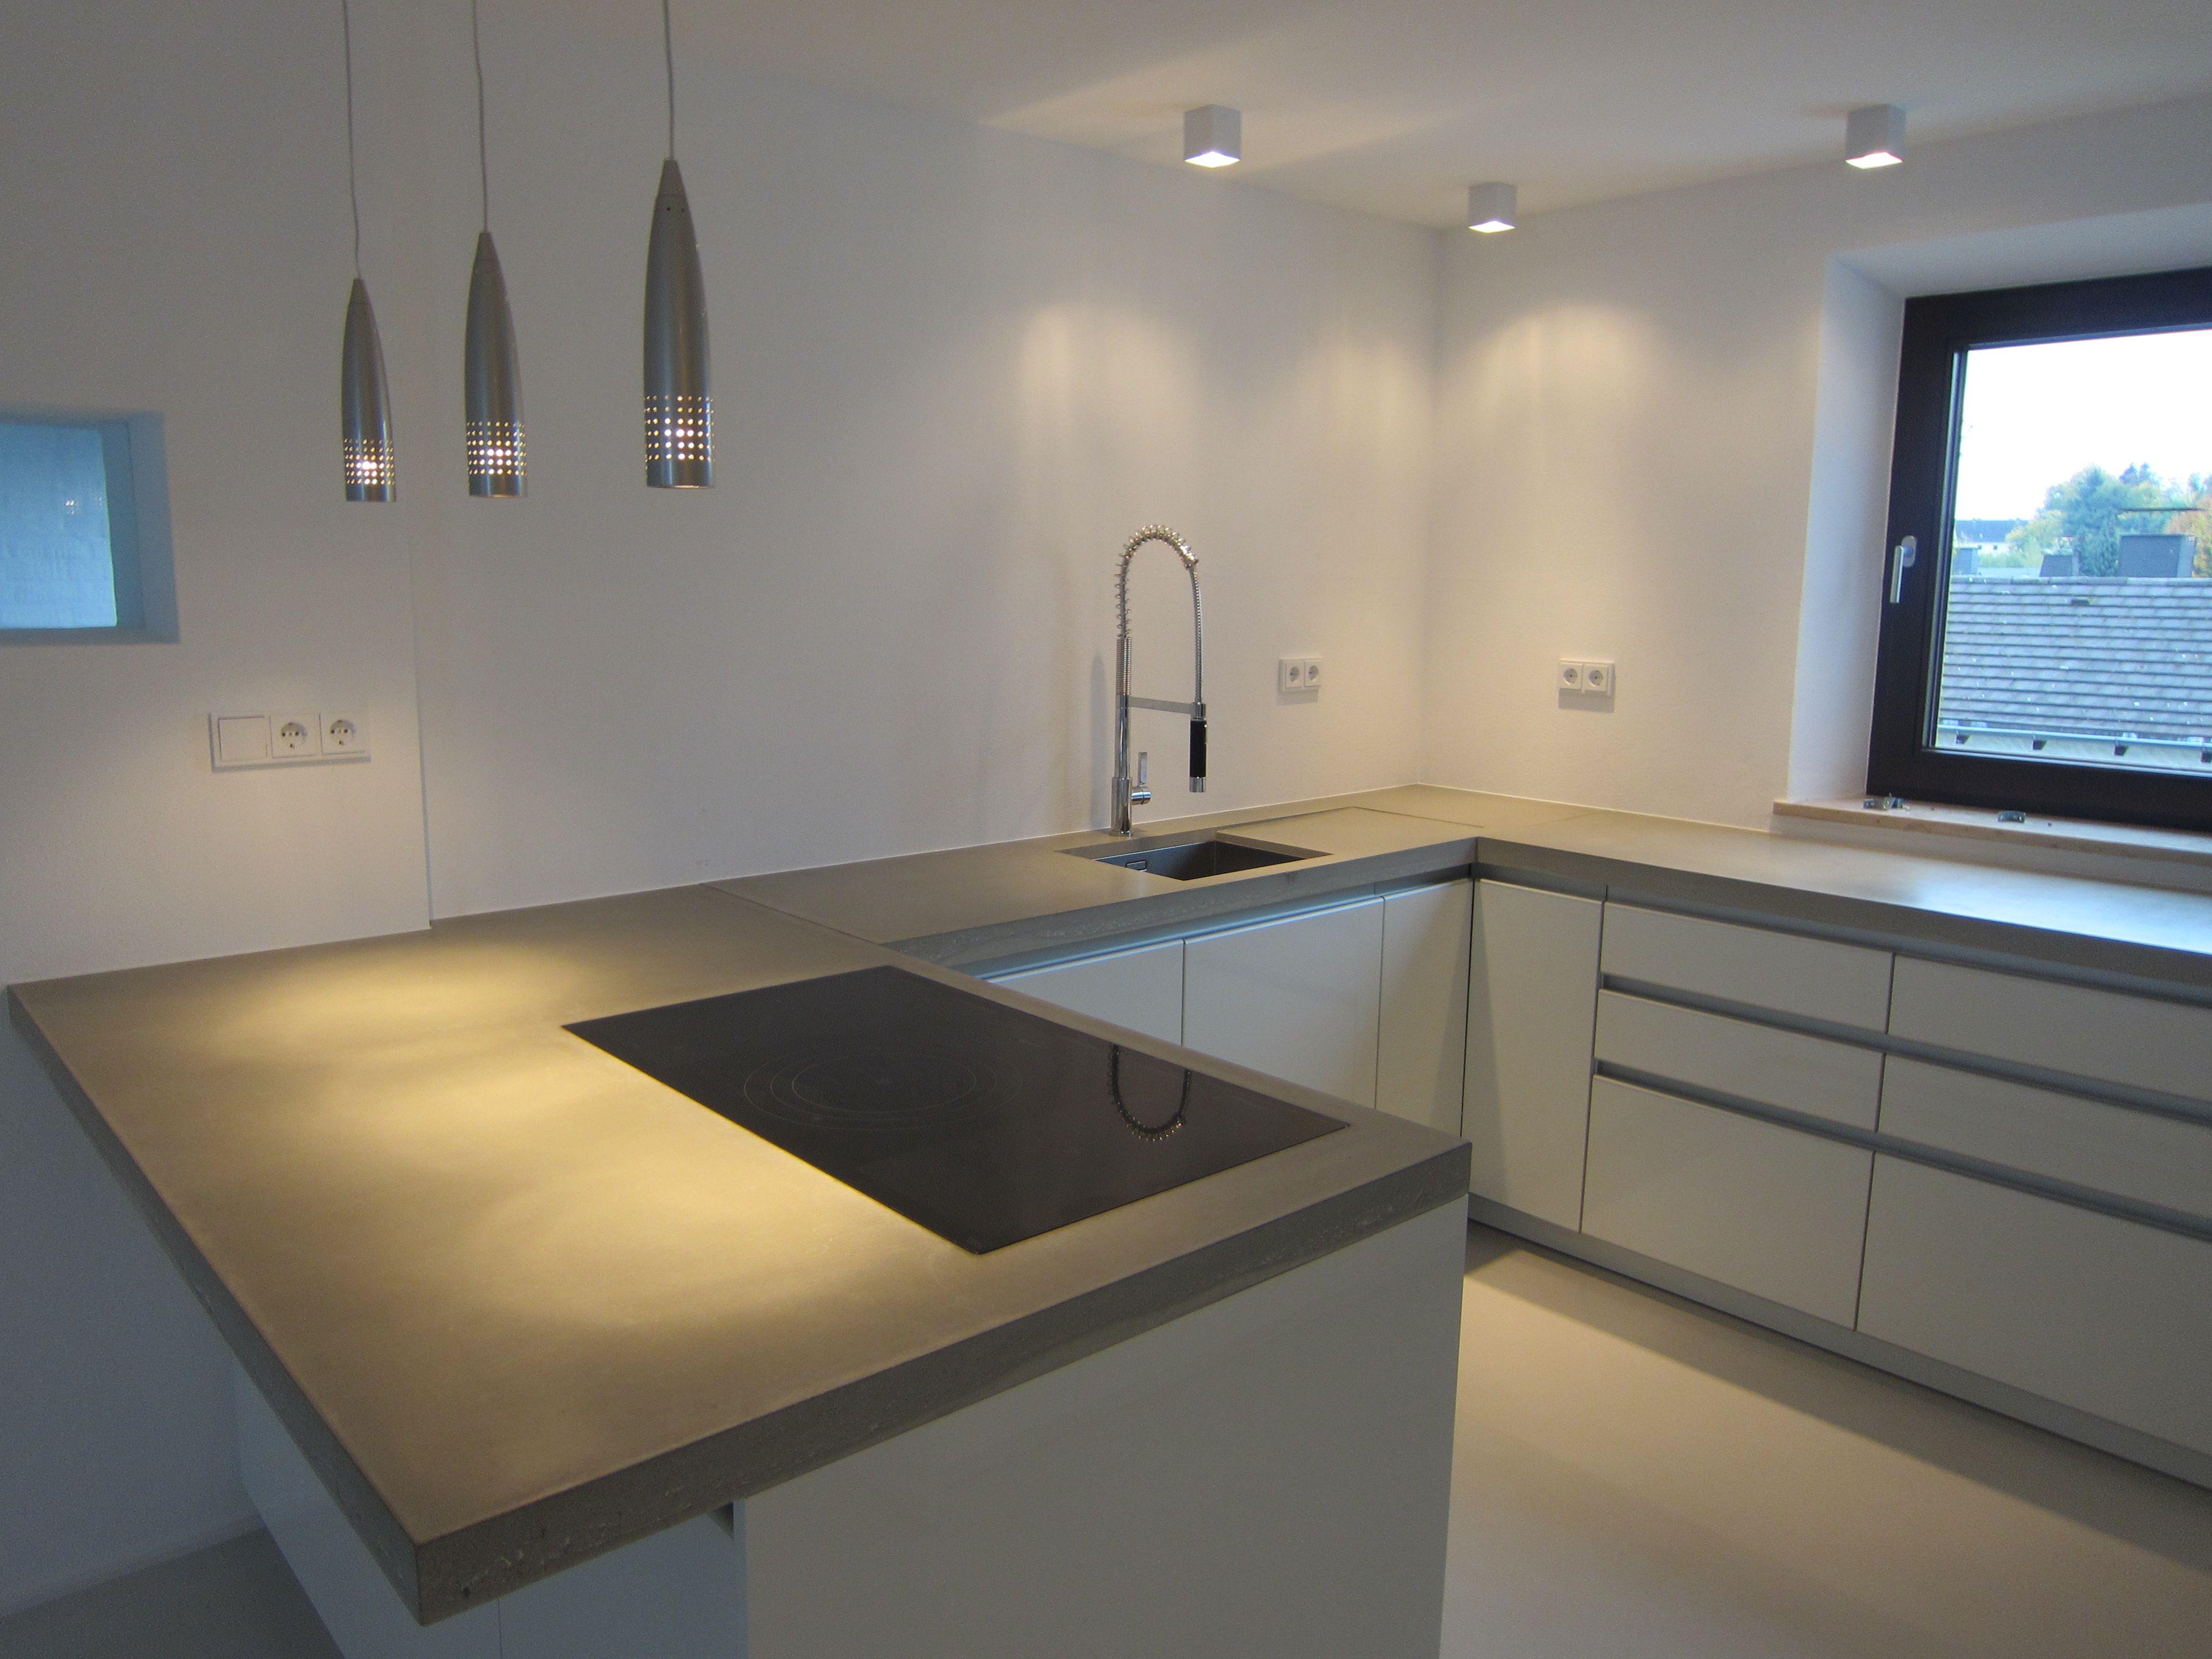 küche1\